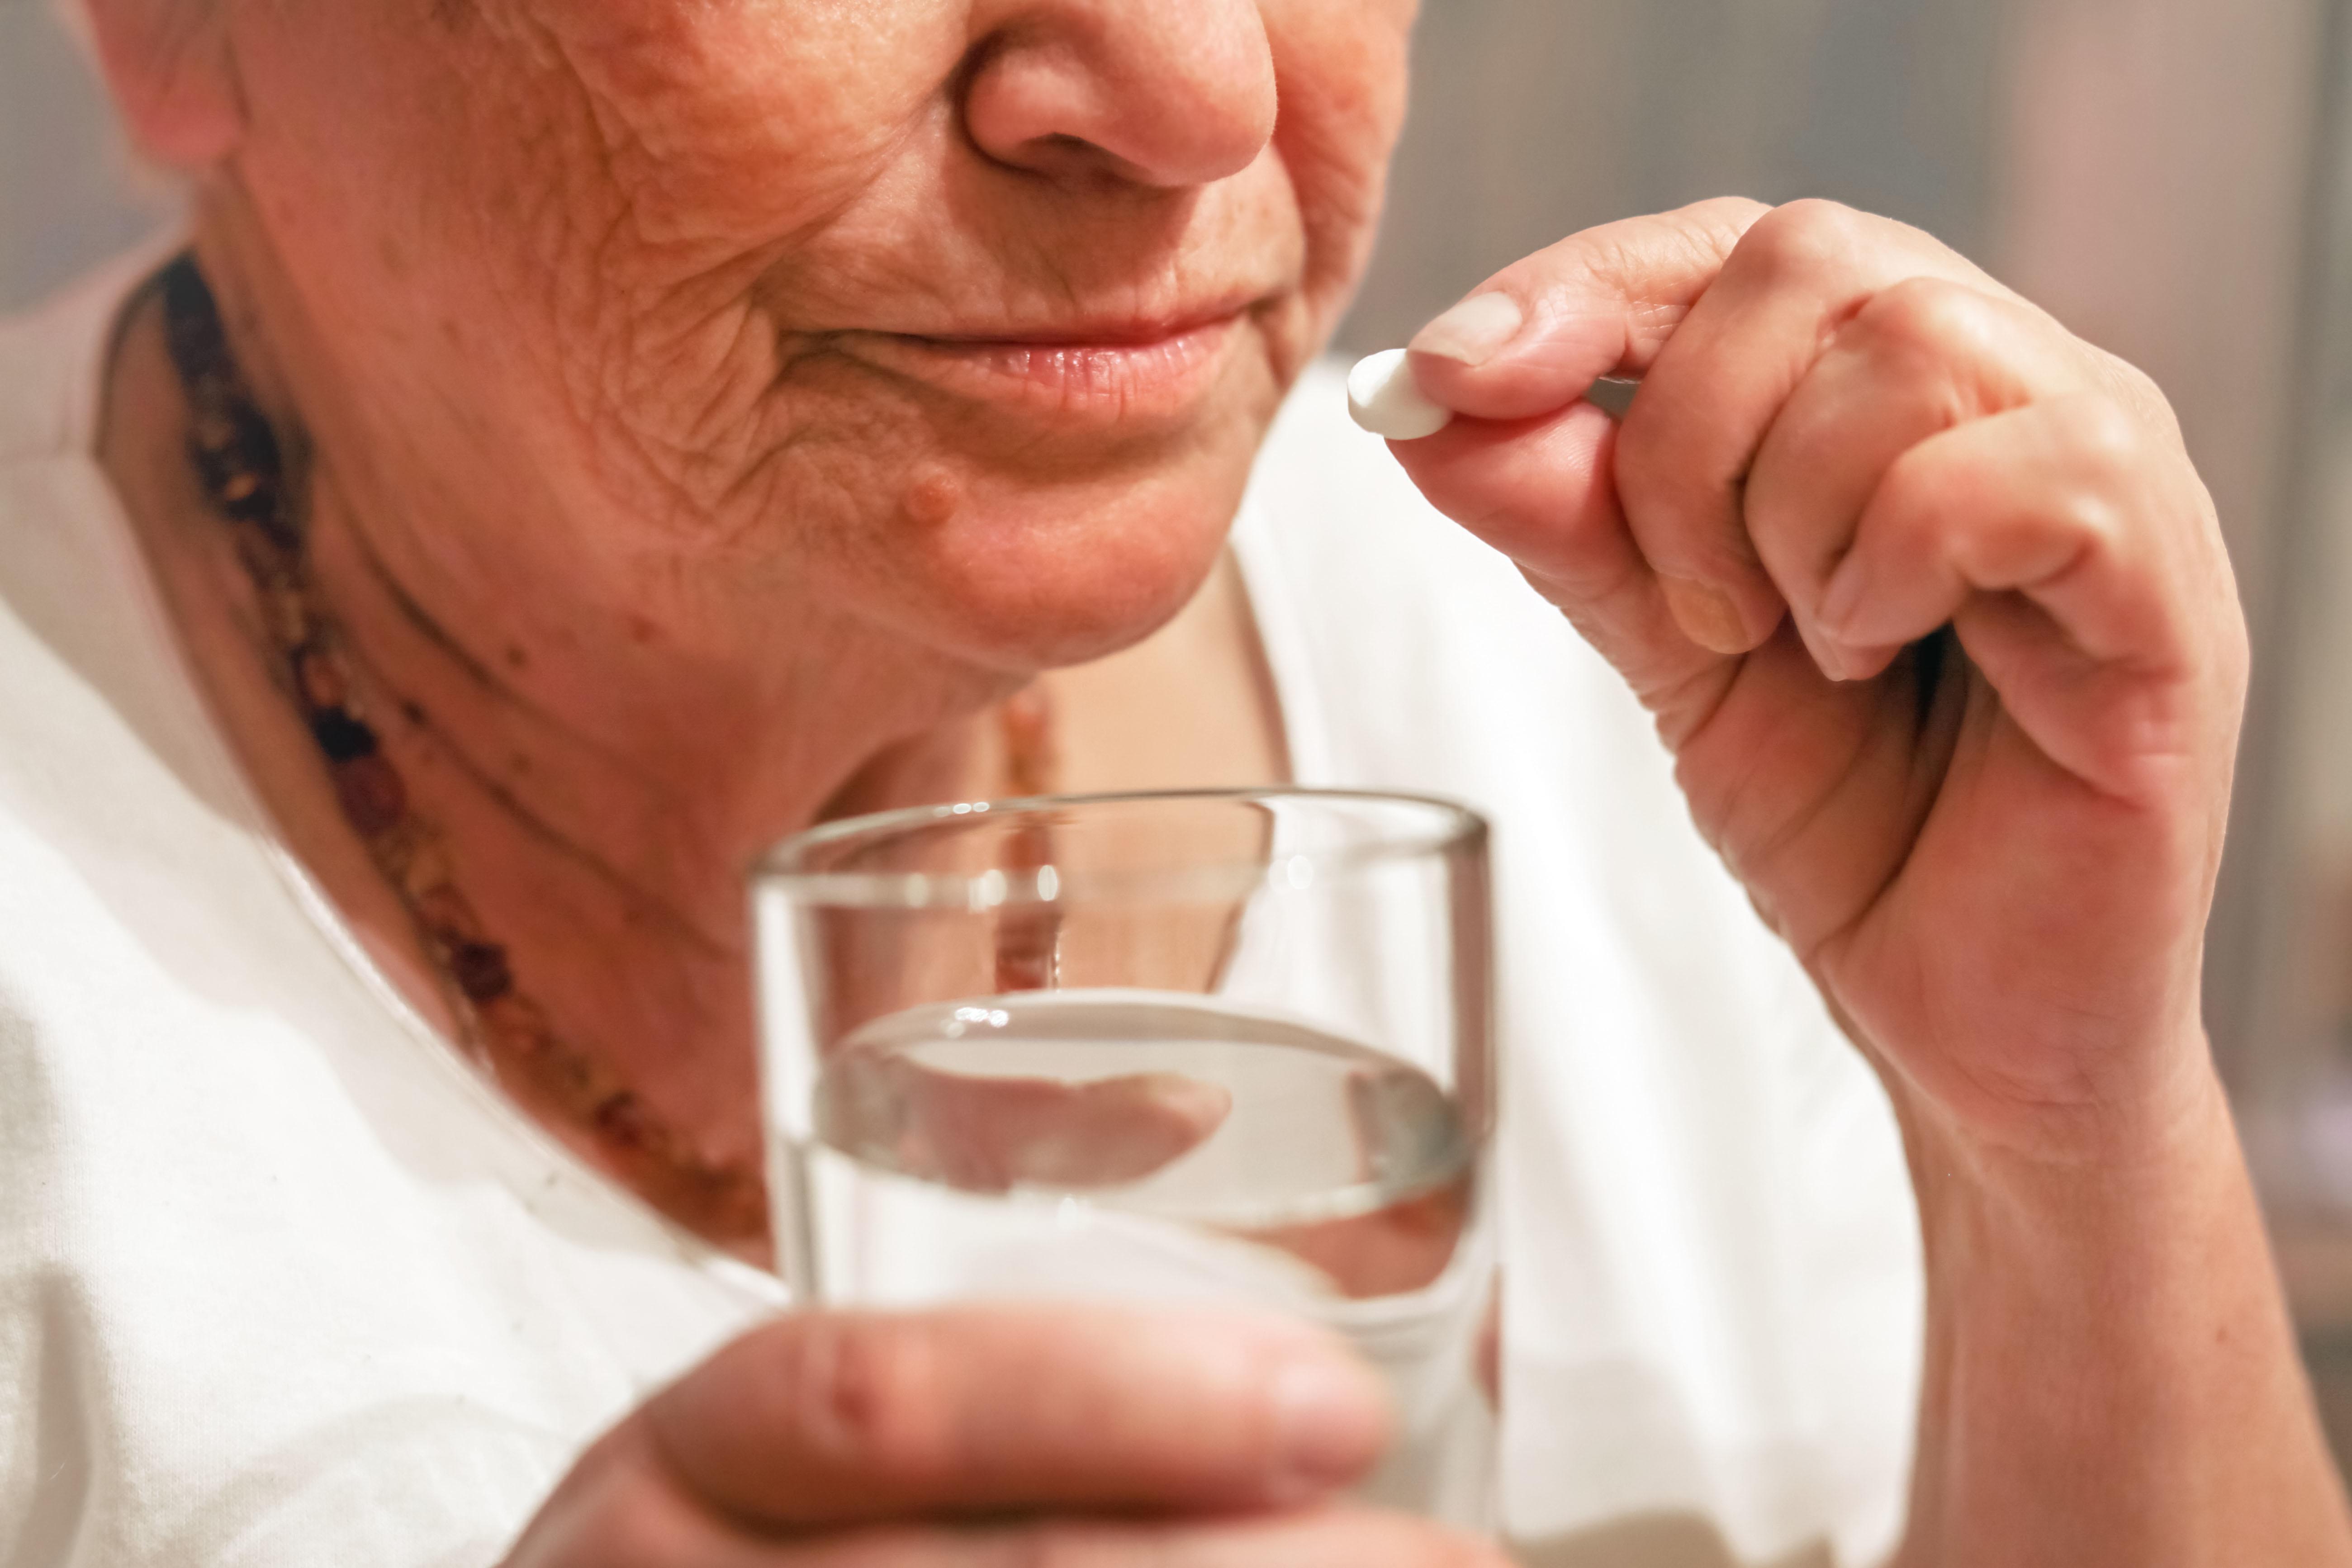 L'utilisation généralisée des statines et les nouvelles techniques de dépistage du cancer, pourraient avoir considérablement réduit « la valeur ajoutée » de l'utilisation de l'aspirine en prévention primaire des maladies cardiovasculaires et du cancer.